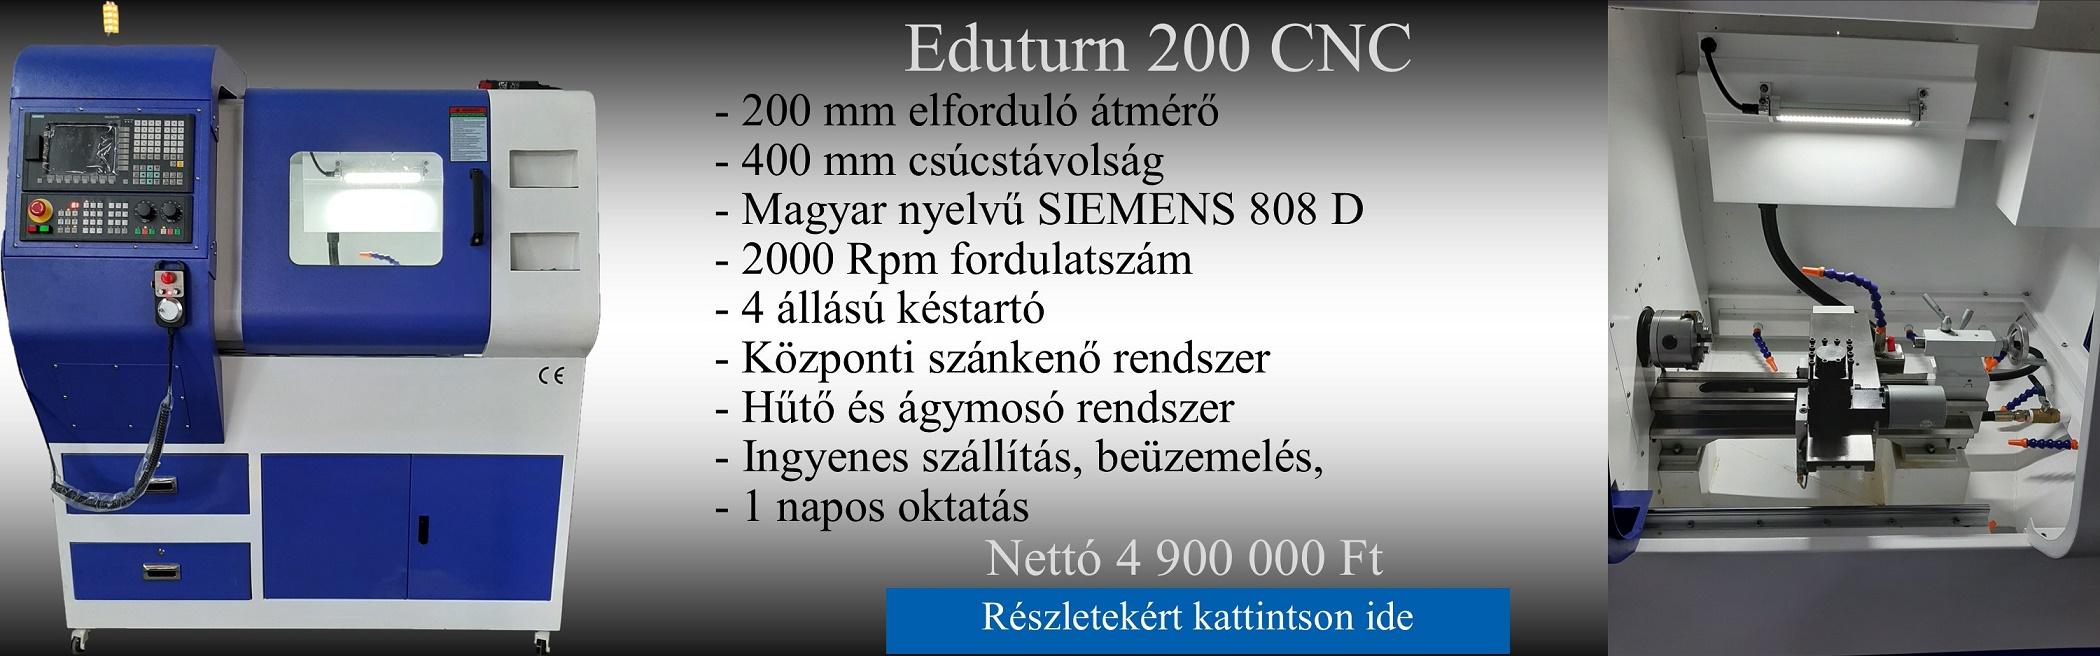 EDUTURN 200